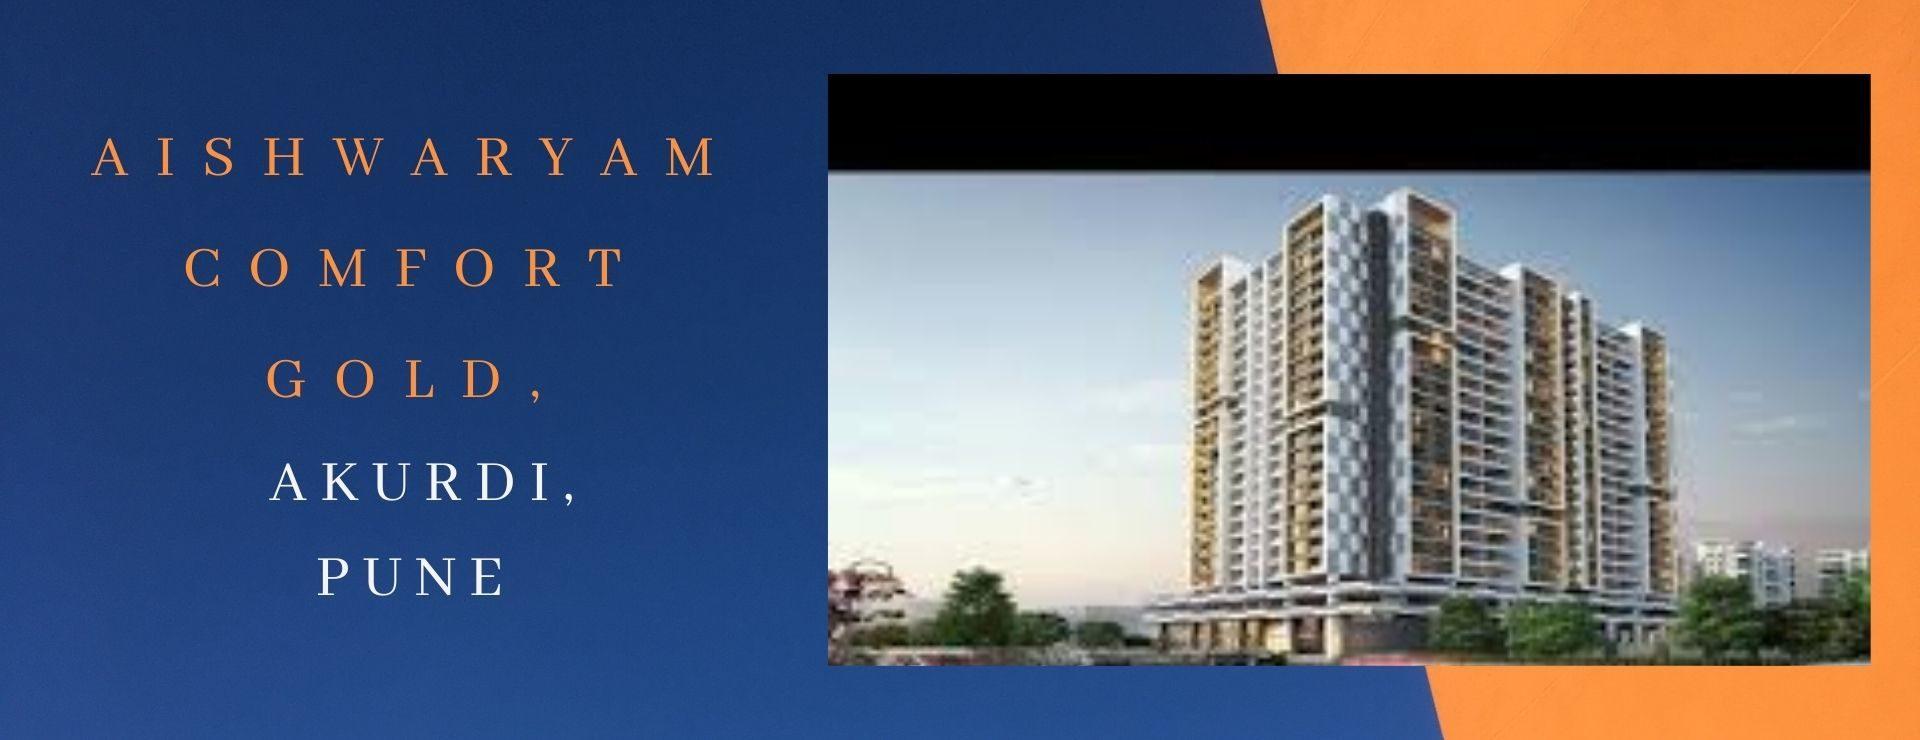 Aishwaryam Comfort Gold, Akurdi, Pune